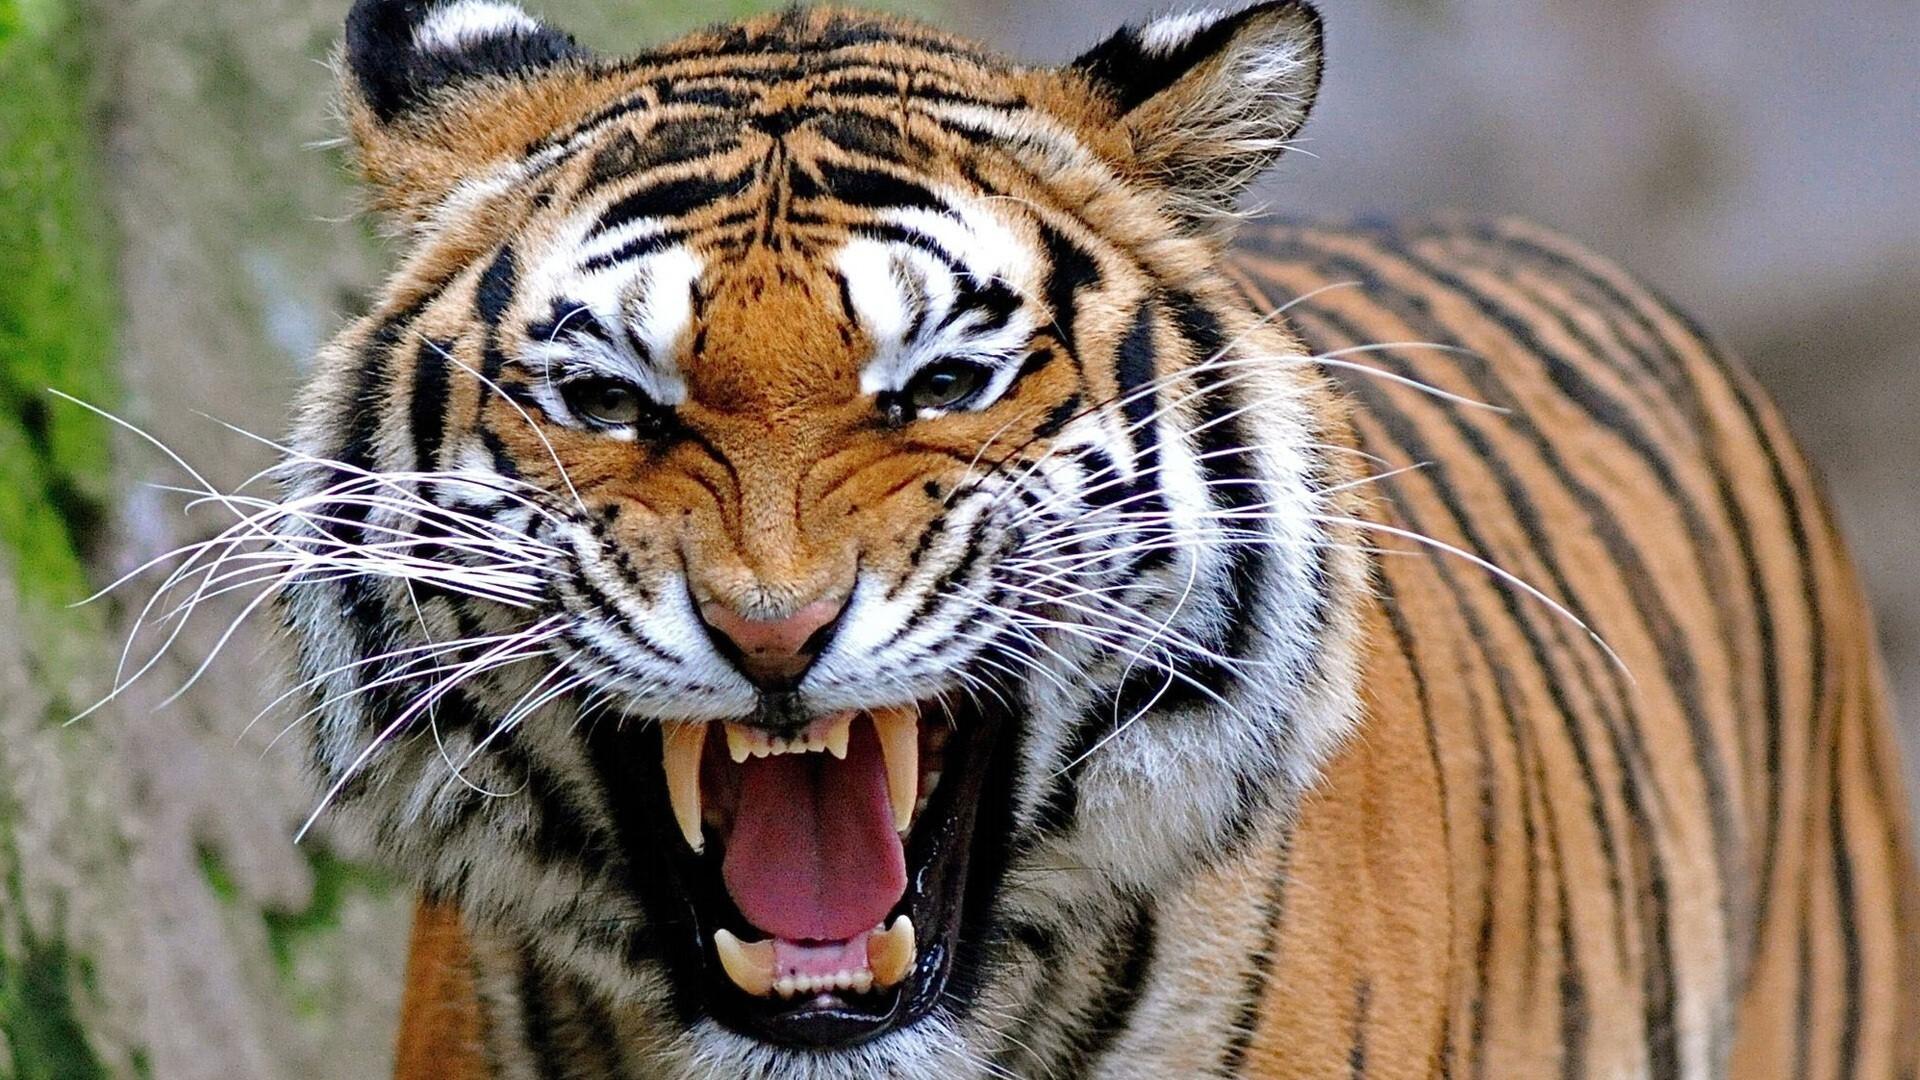 Angry Animal Tiger Hd Wallpapers